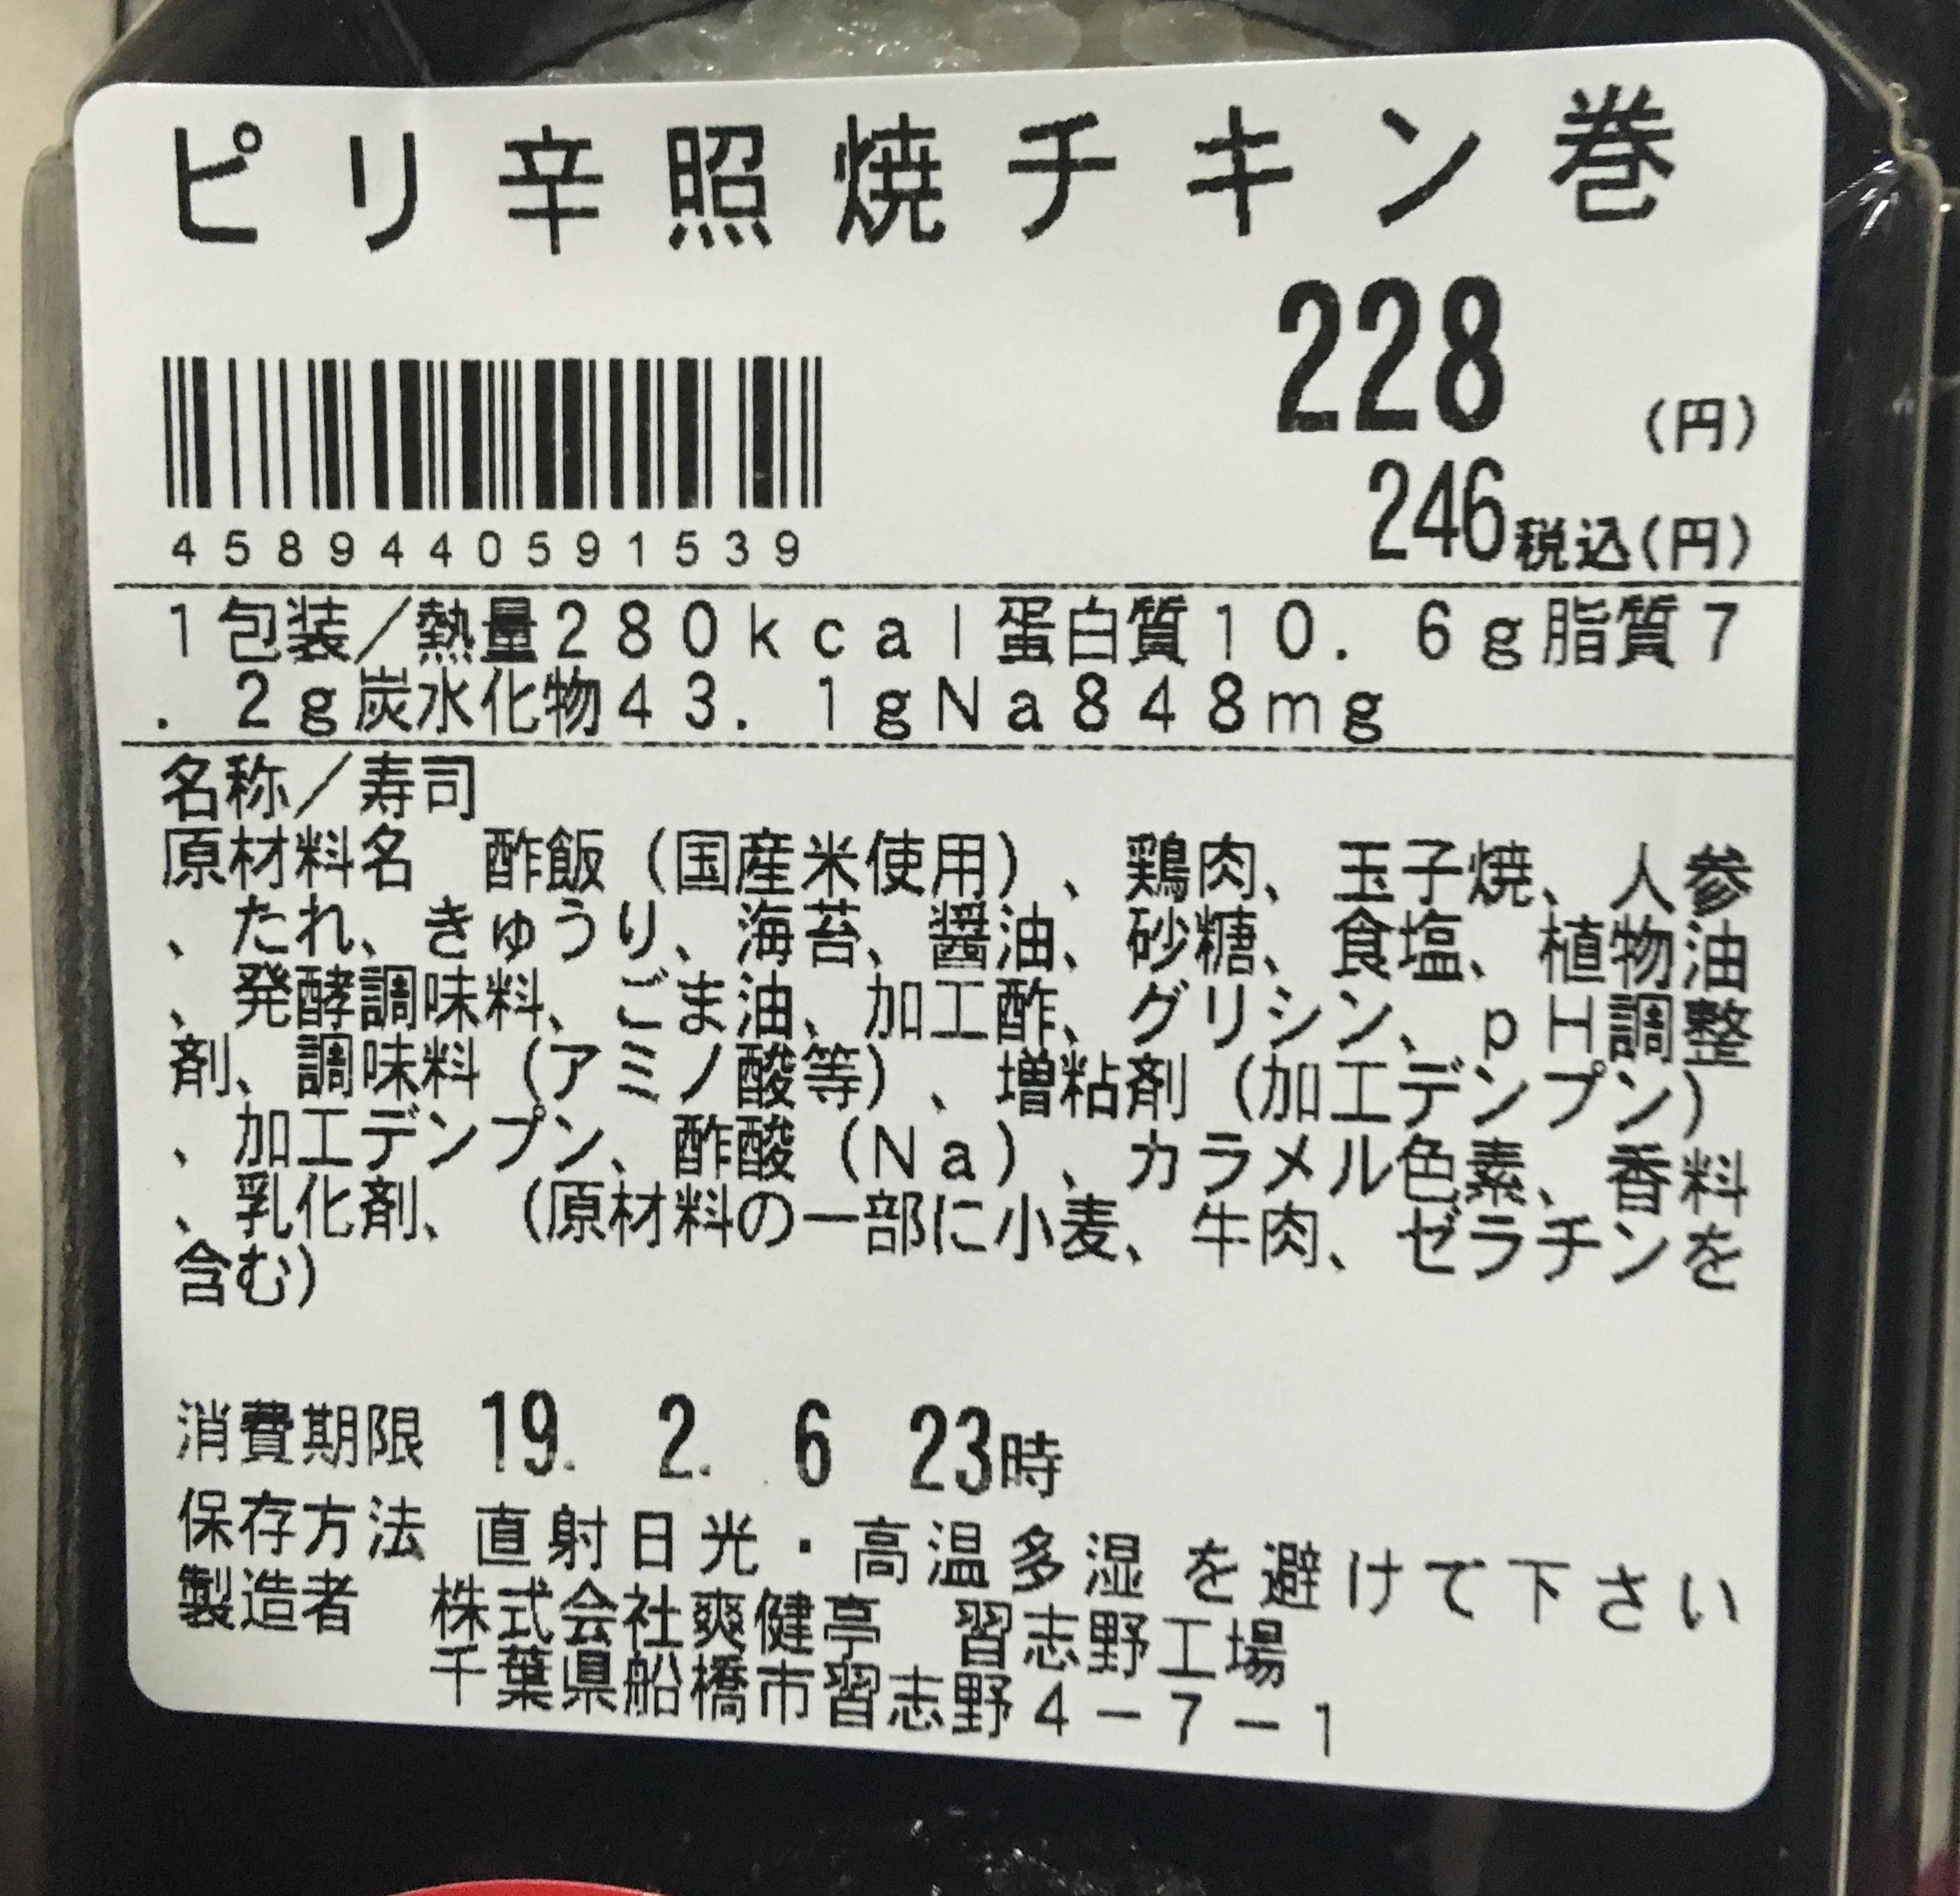 原材料・栄養成分表示:ピリ辛照り焼きチキン巻|まいばすけっと